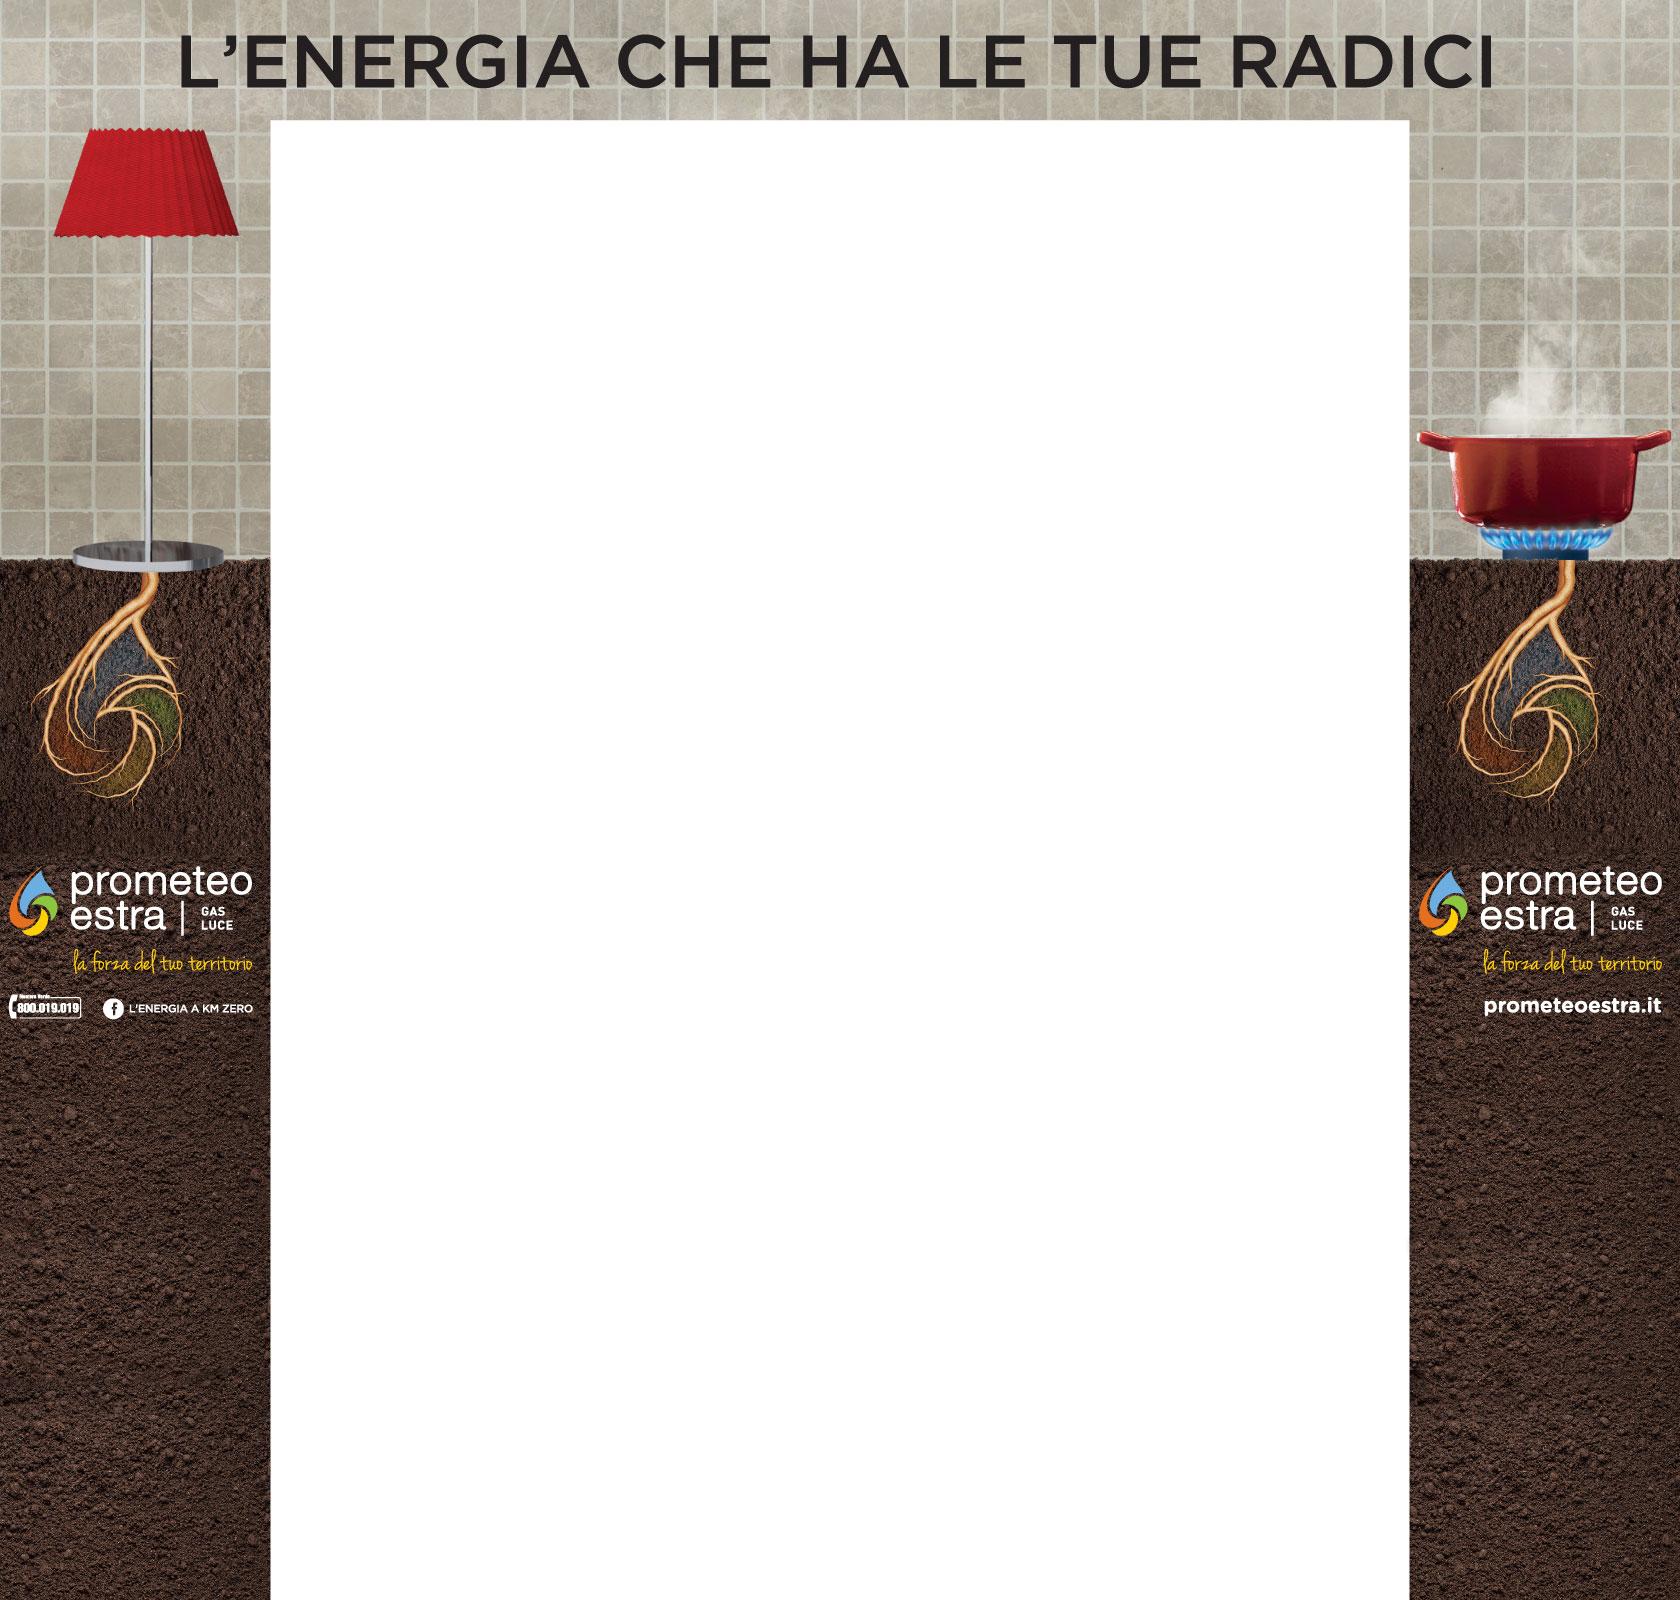 siti incontri migliori meaning Padova